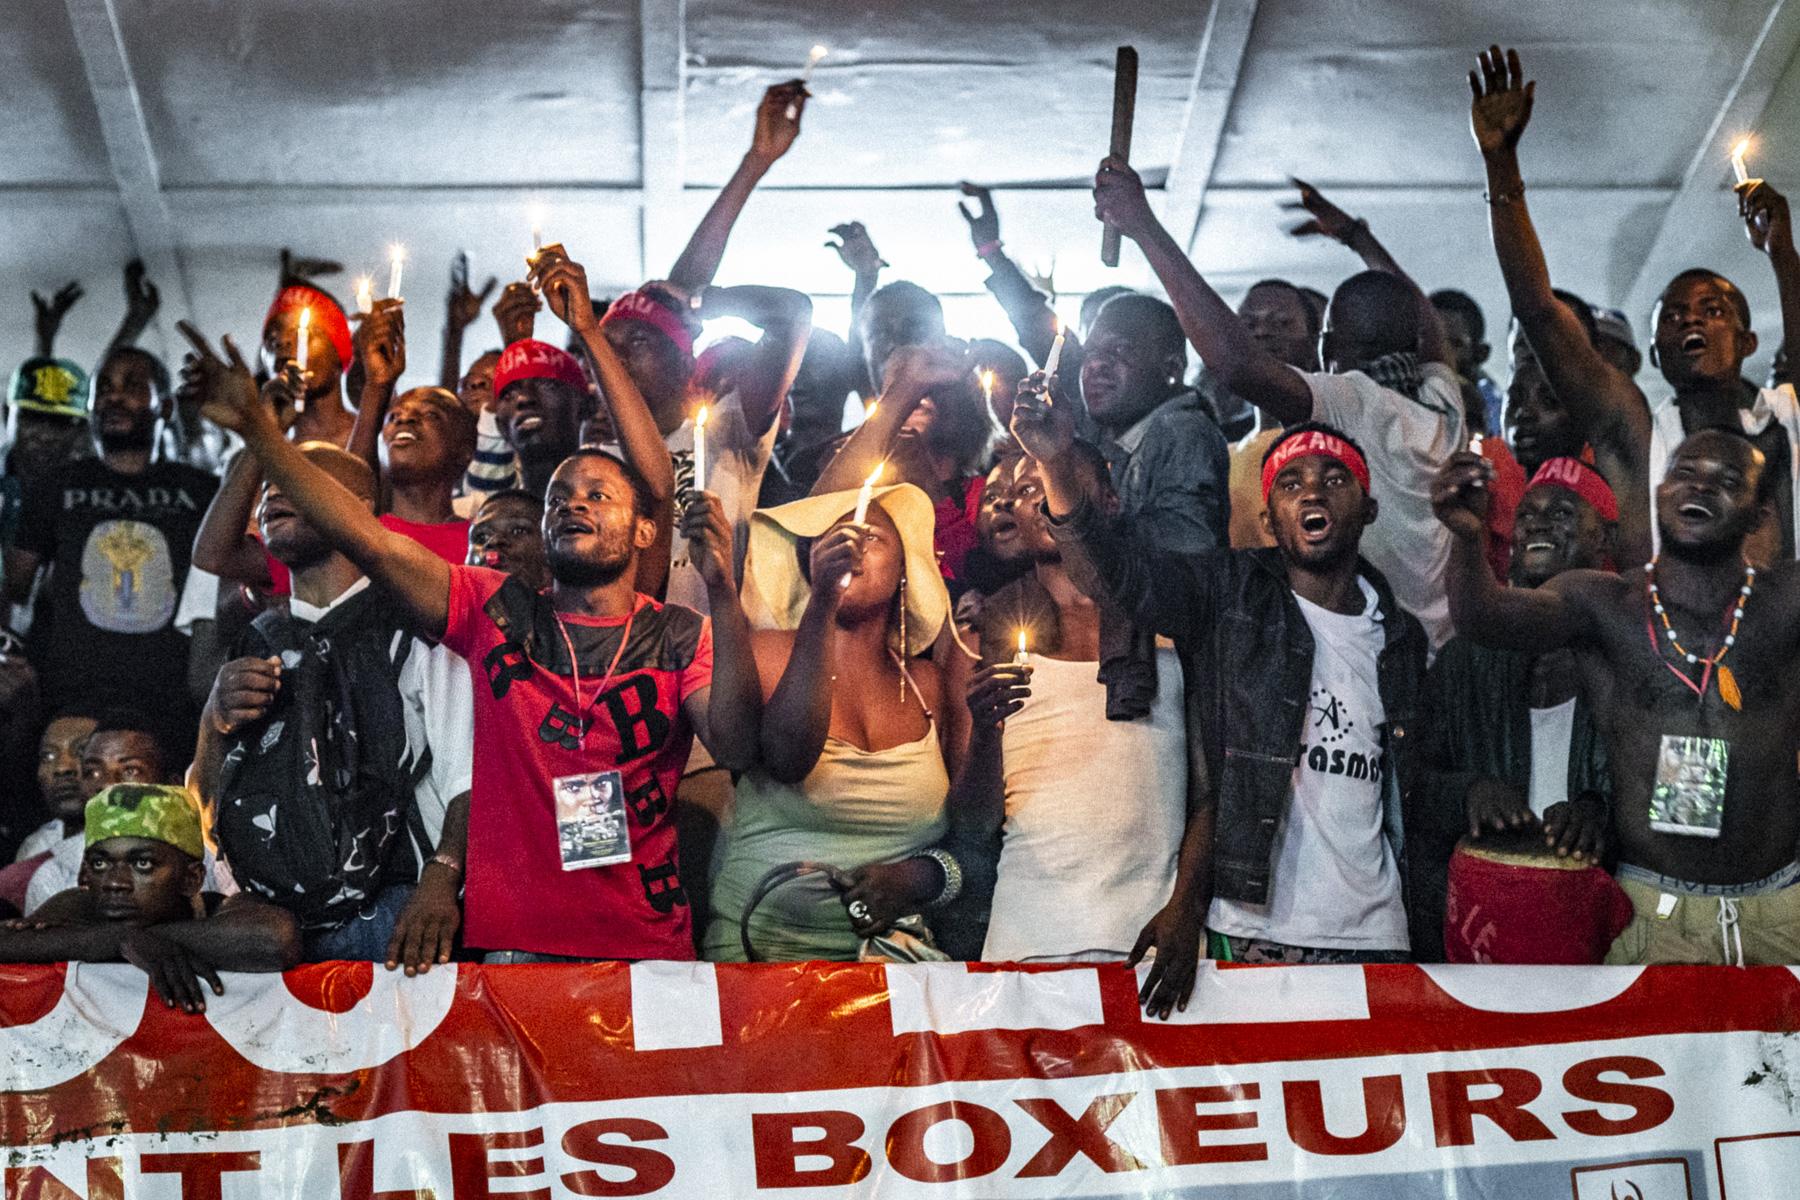 Spectateurs d'une réunion de boxe au Shark Club de Kinshasa, octobre 2014.